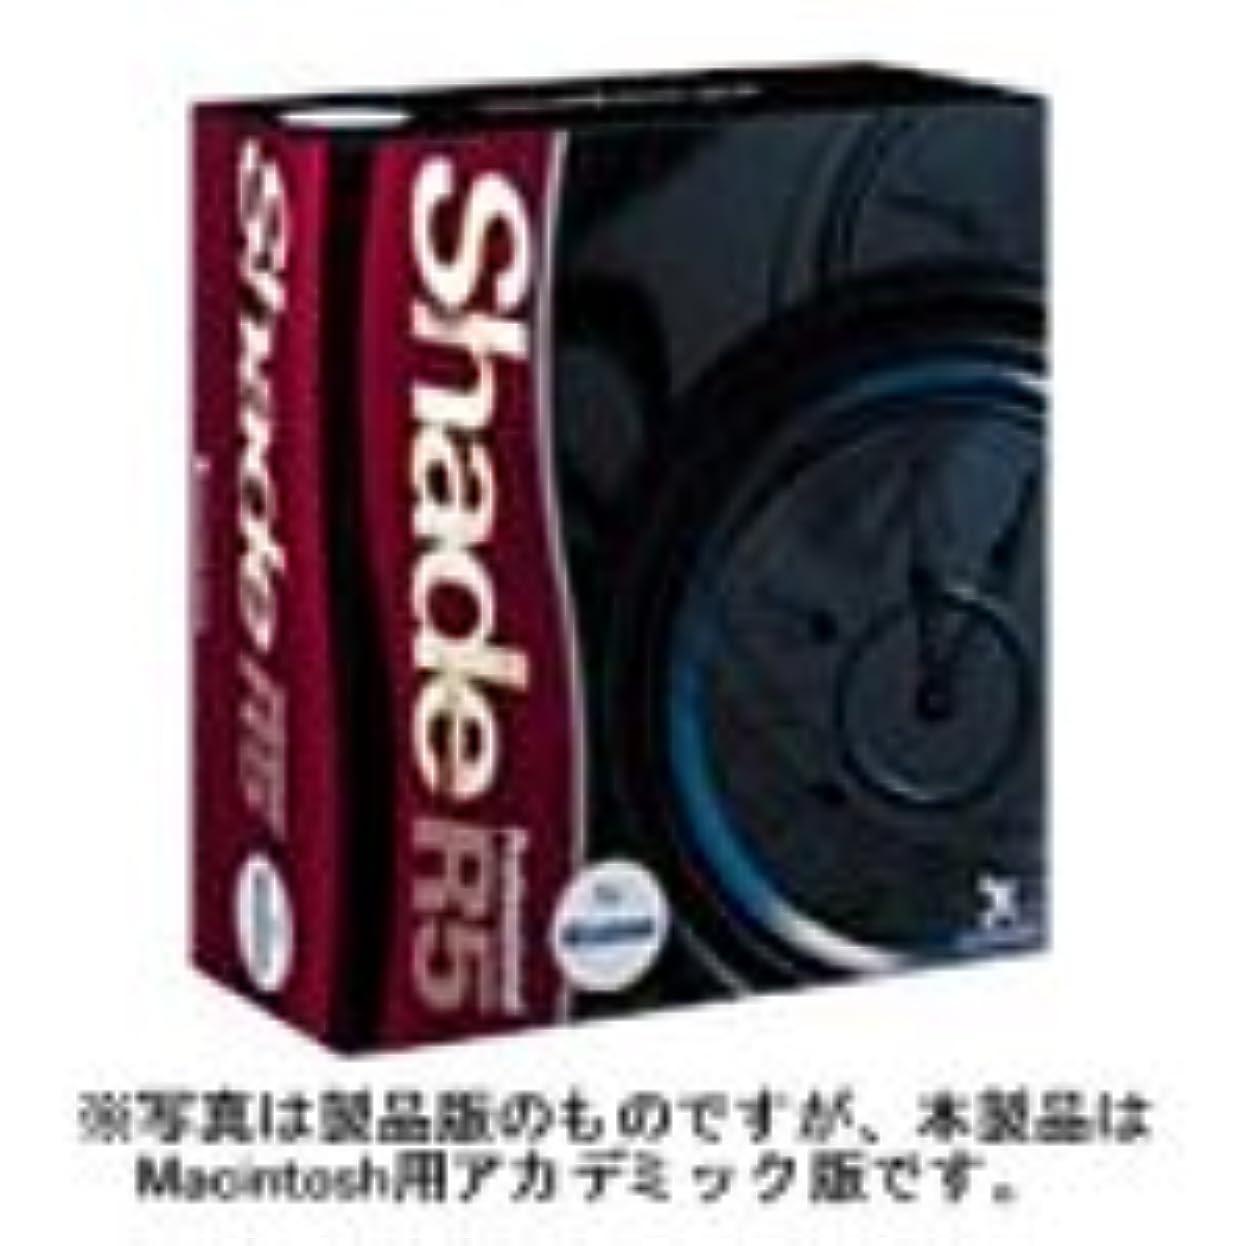 バイオリンターゲットレパートリーShade Professional R5 for Macintosh アカデミック個人ライセンス版